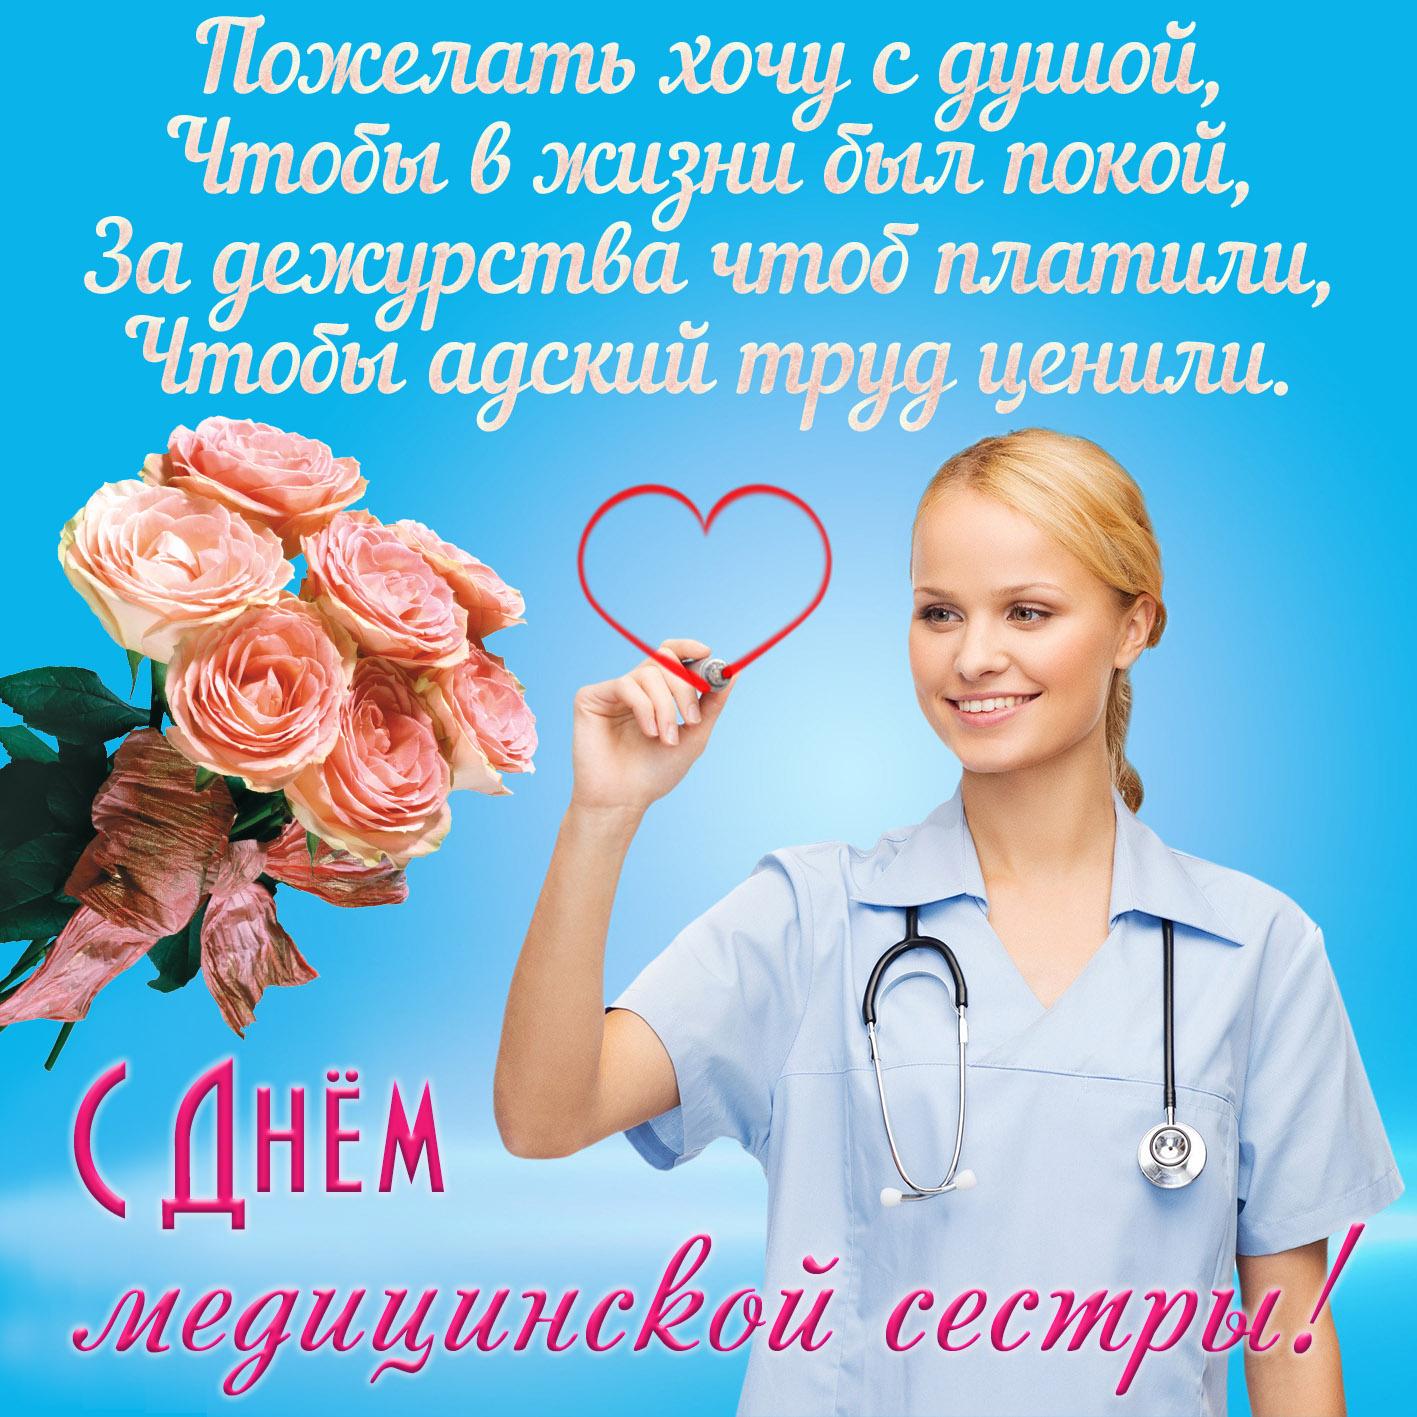 Поздравления с днем медика медсестер